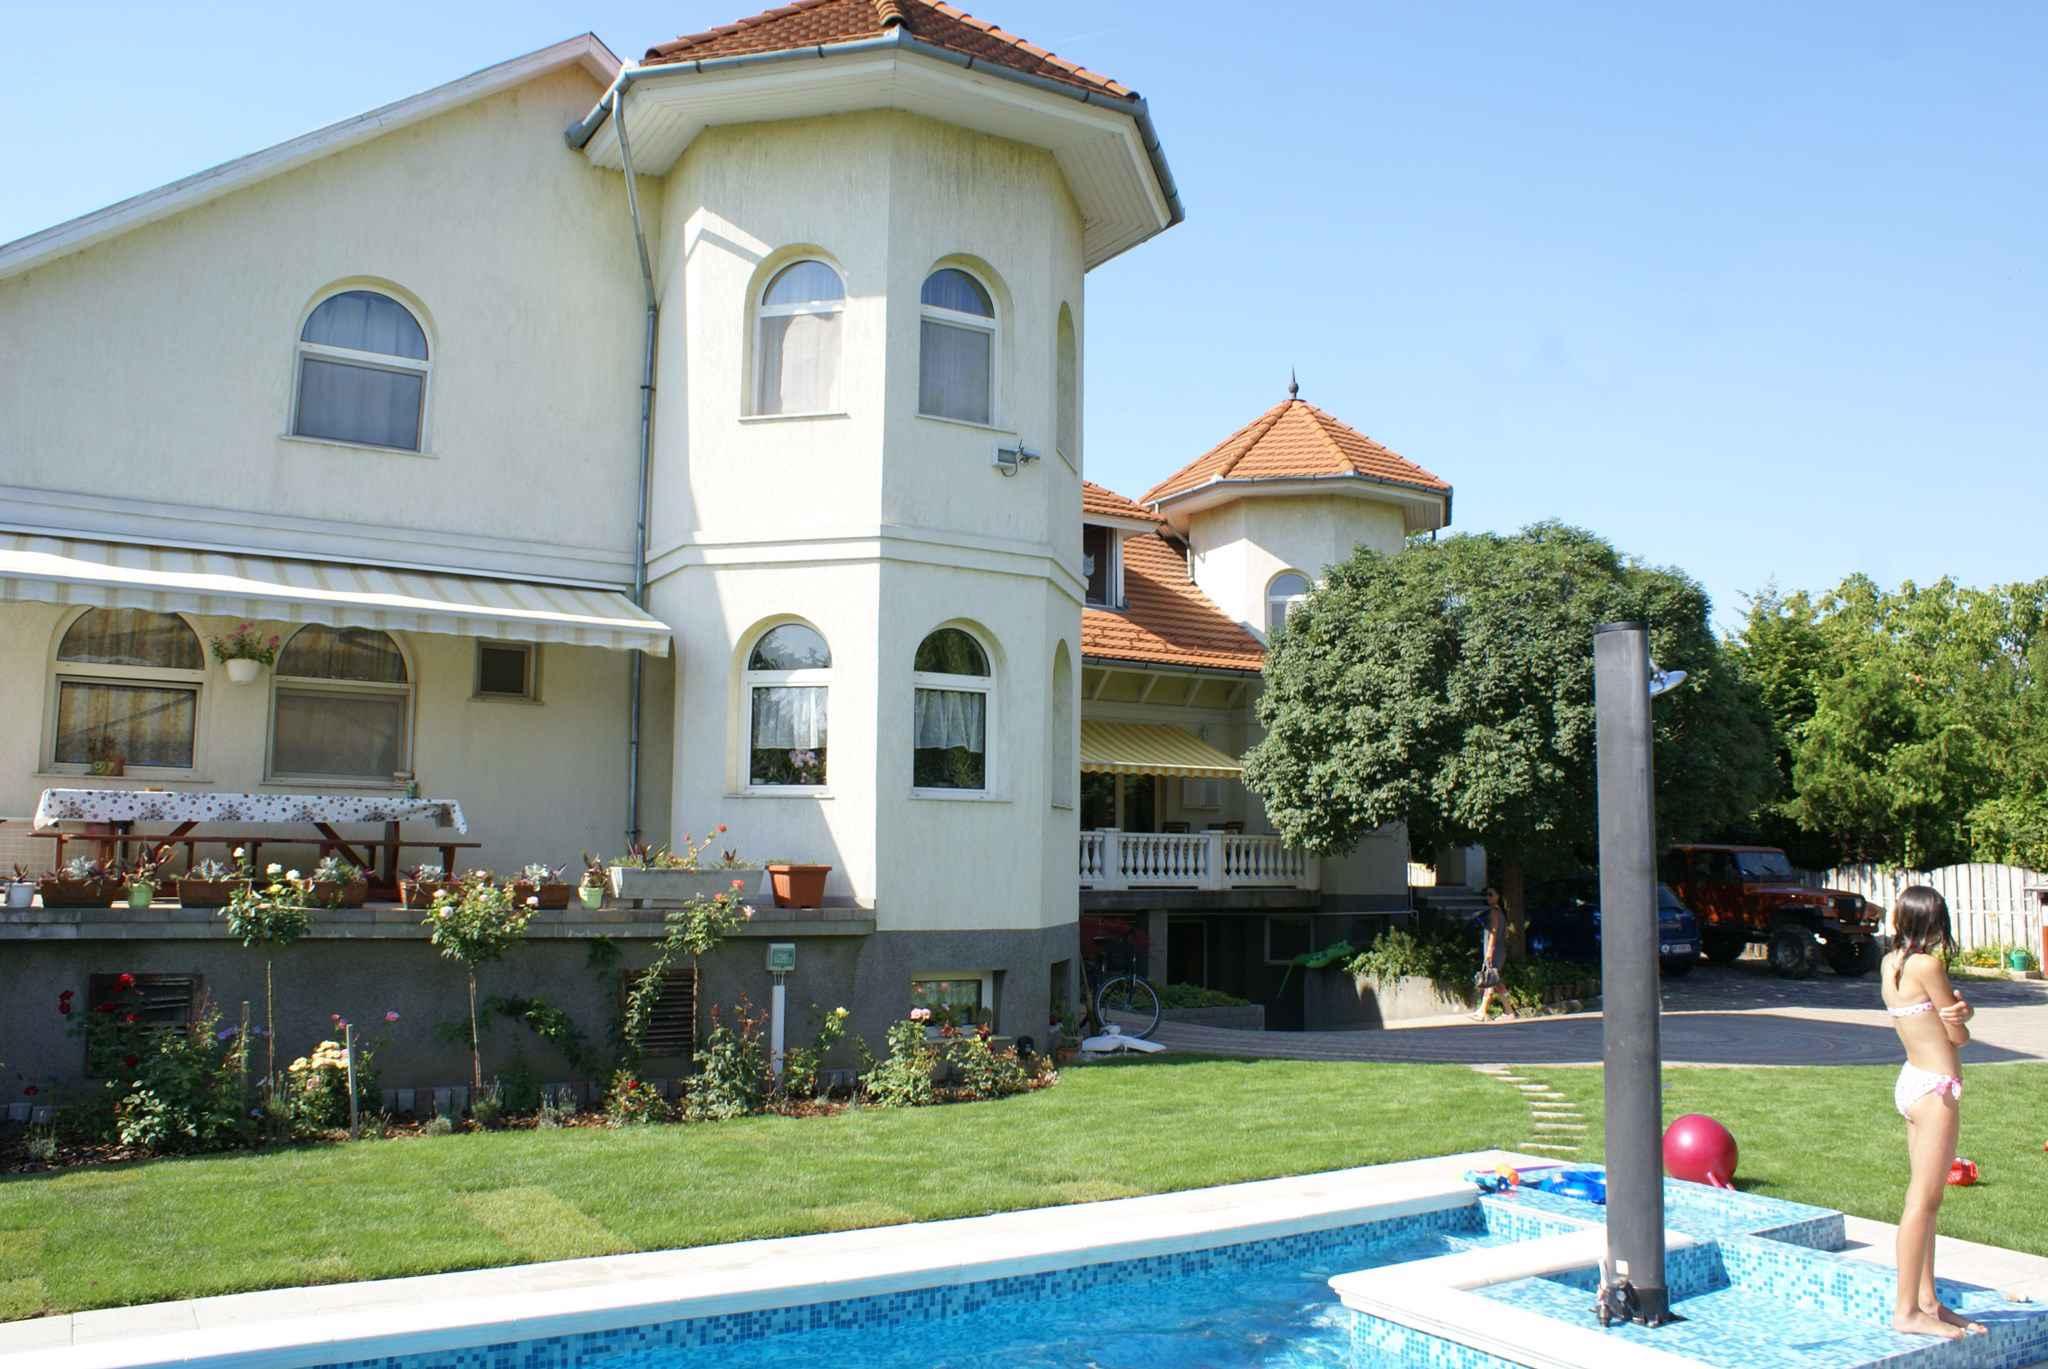 Ferienwohnung mit Pool  in Ungarn